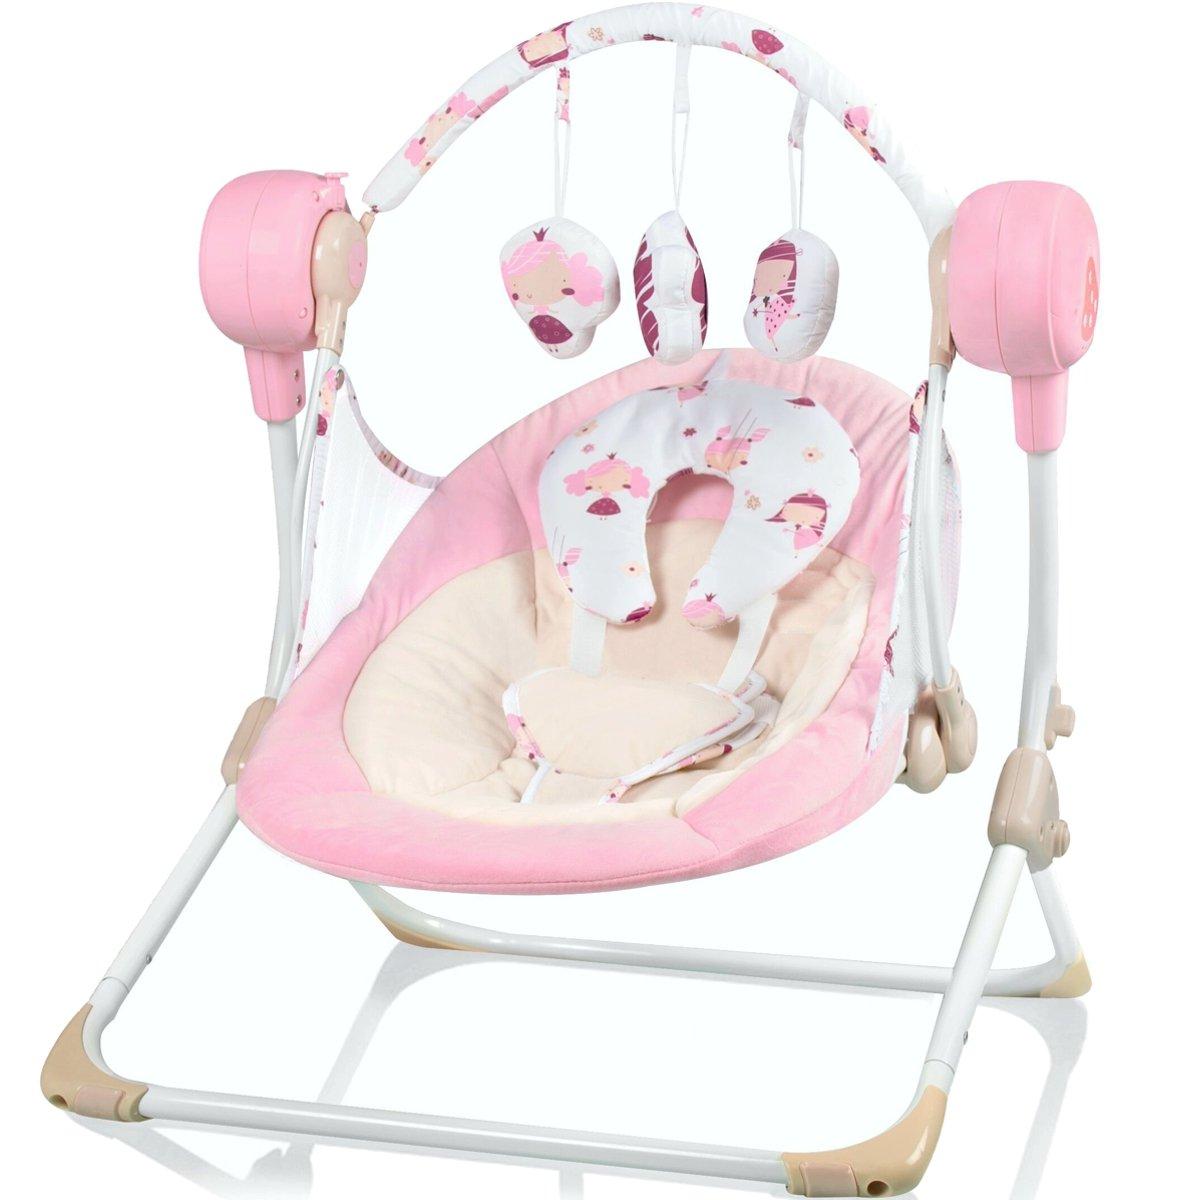 Babyschaukel (vollautomatisch 240V) mit 5 Schaukelgeschwindigkeiten und 16 Melodien (HELLBRAUN) Stimo24